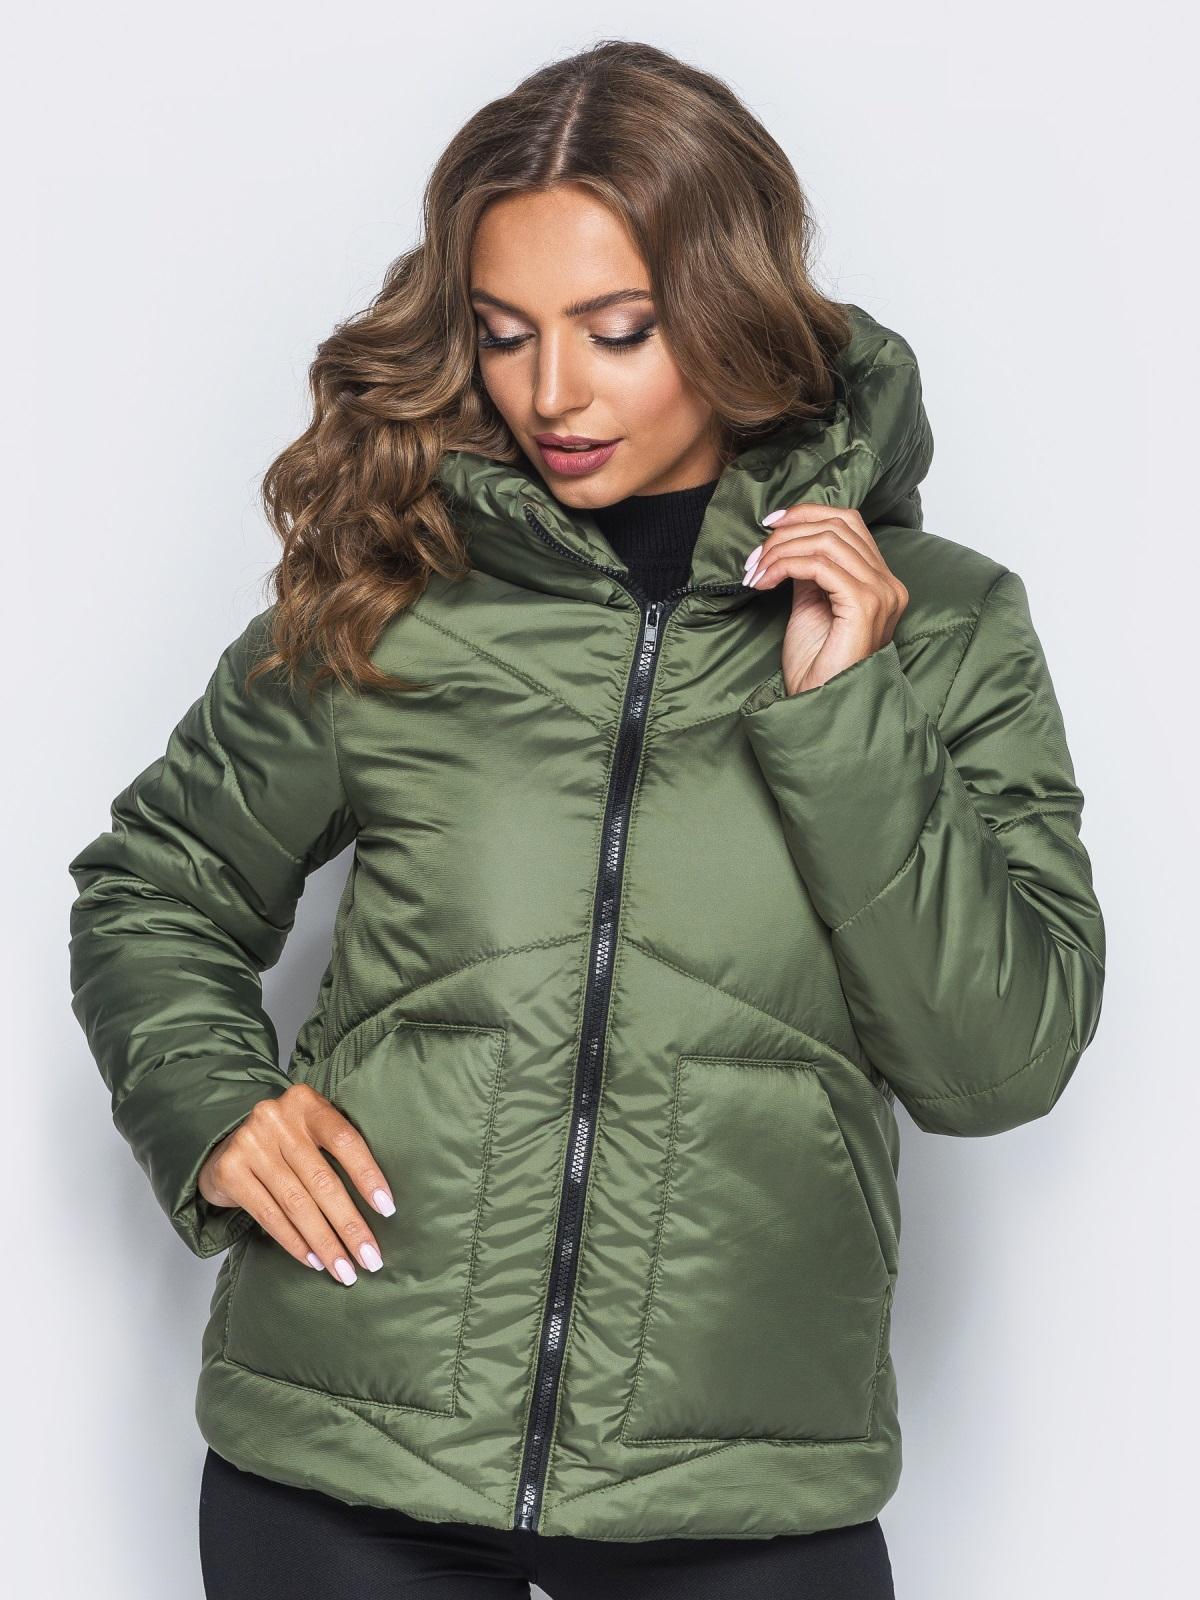 Стёганая куртка с капюшоном и объемными карманами зеленая - 14701, фото 1 – интернет-магазин Dressa